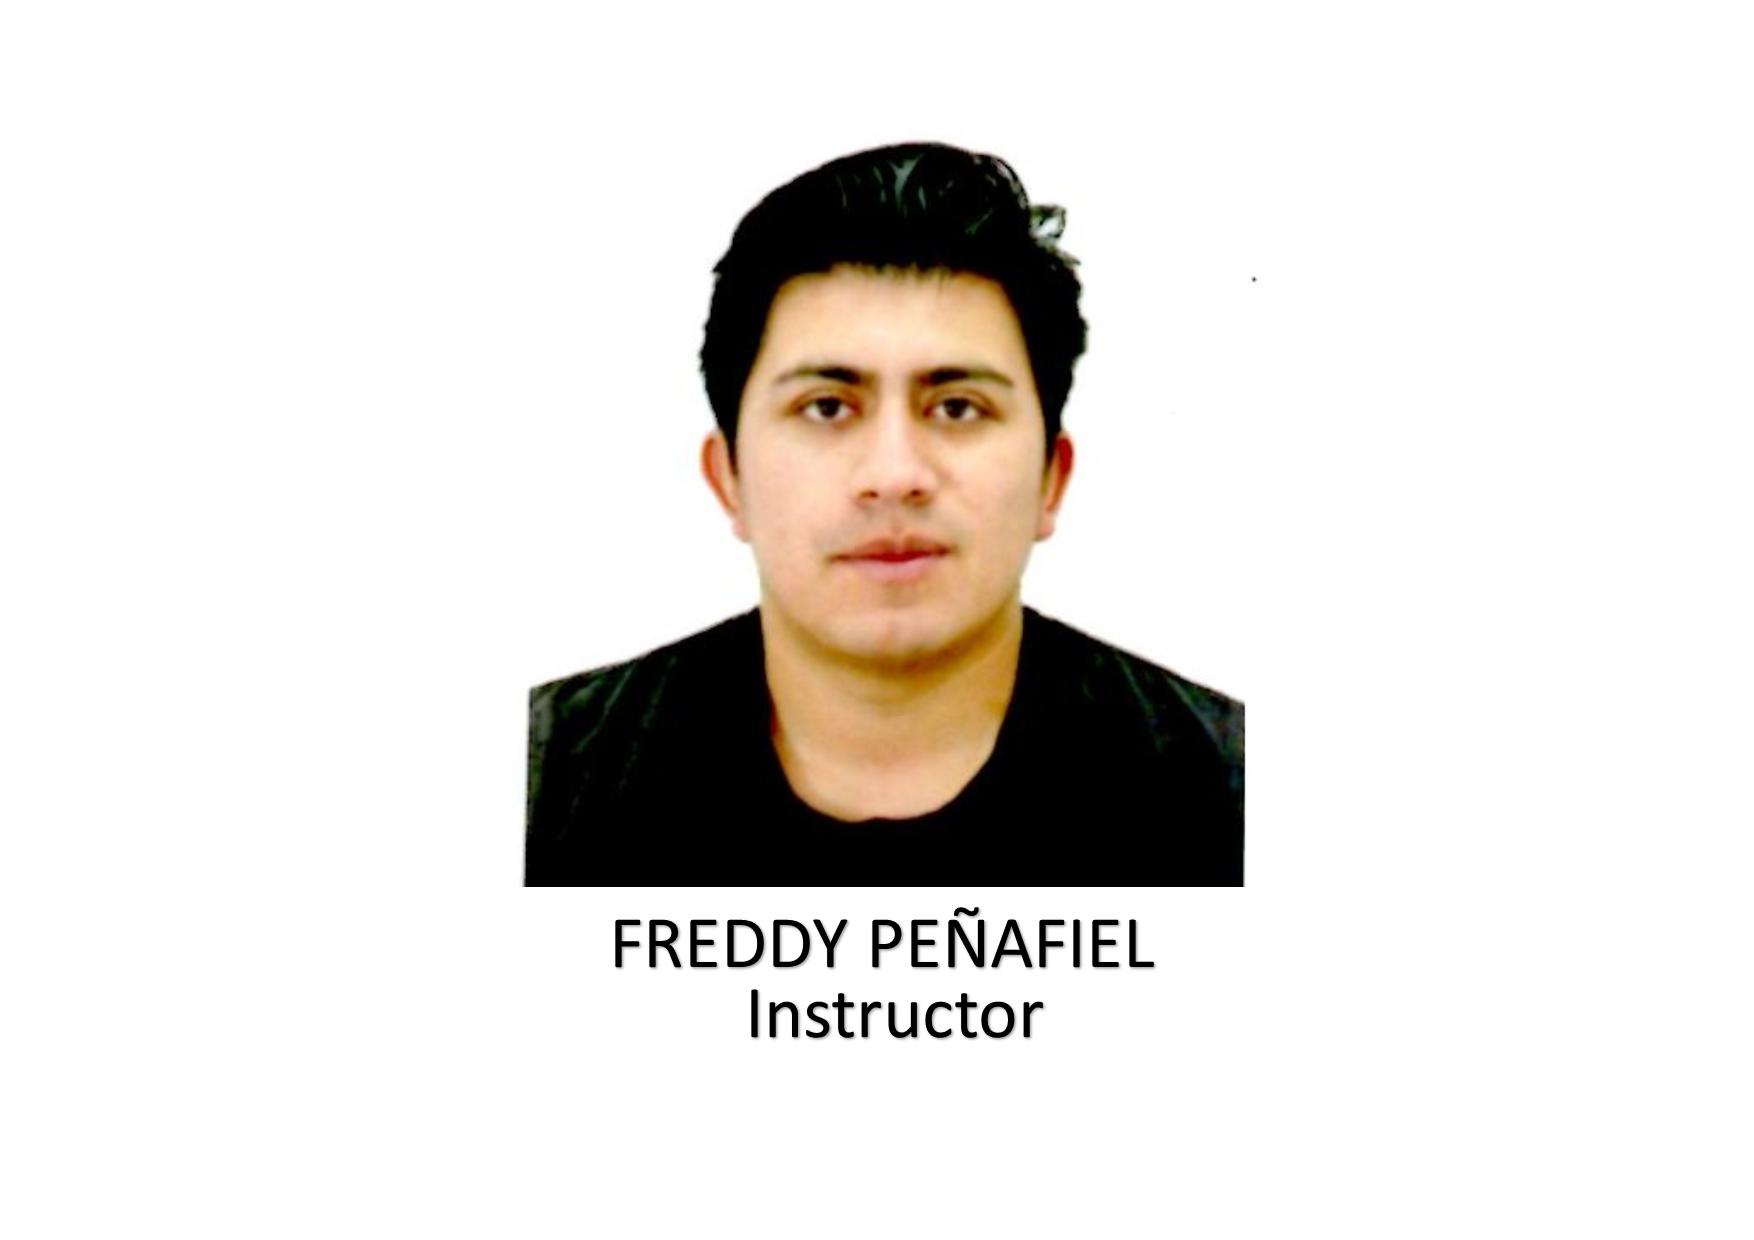 FREDDY PEÑAFIEL